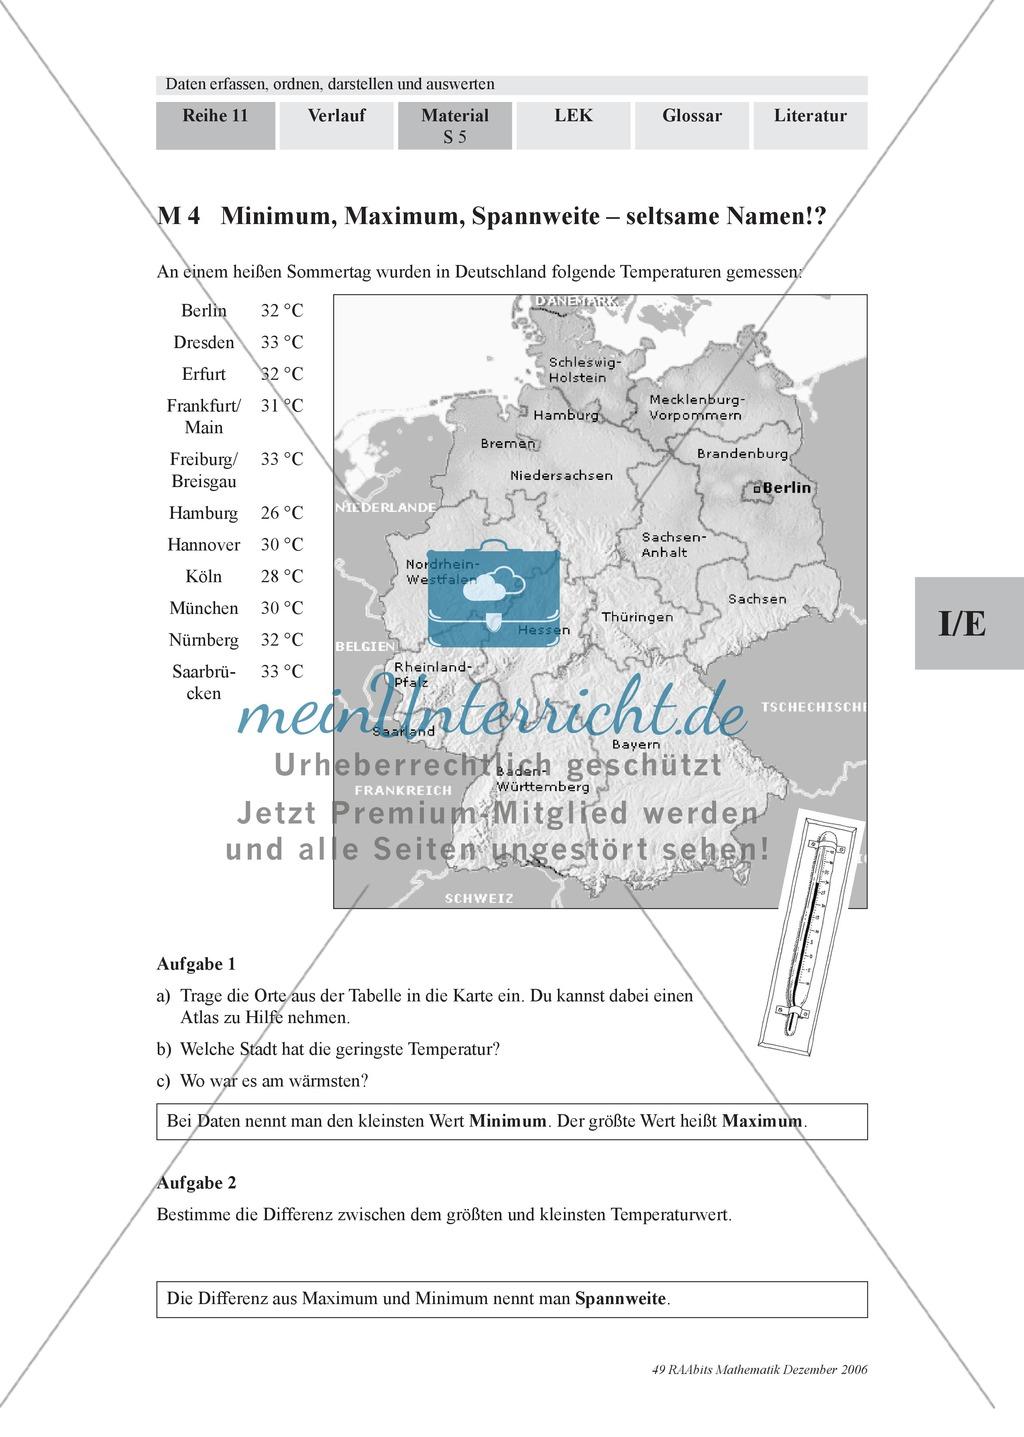 Stochastik: Lage- und Streuungsmaße (Minimum, Maximum, Spannweite) für Daten und das Stängel-Blatt-Diagramm. Mit Infomaterial, Aufgaben uns Lösungen. Preview 1